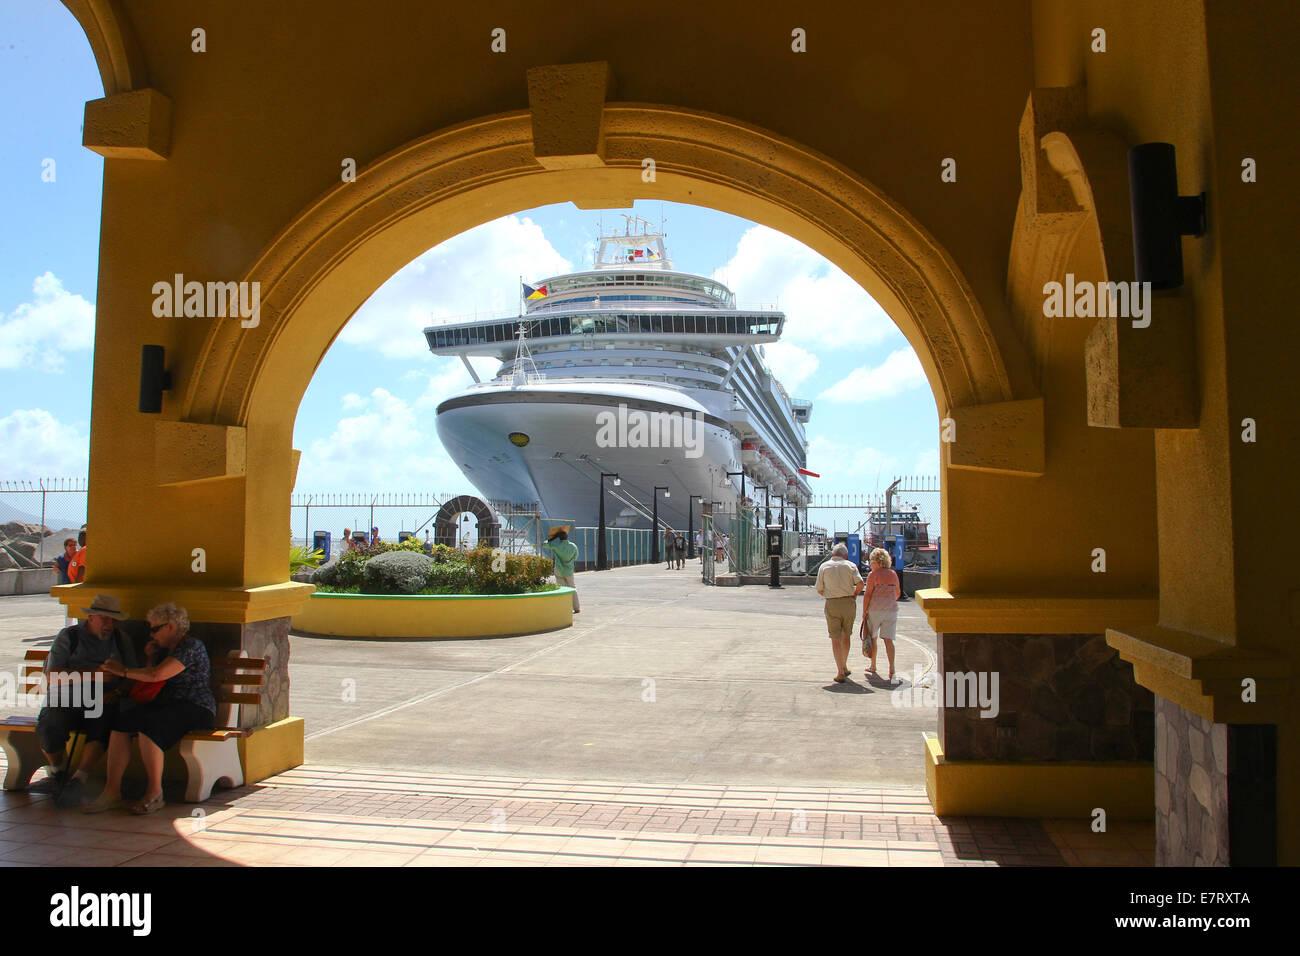 AZURA in port at St Maarten - Stock Image